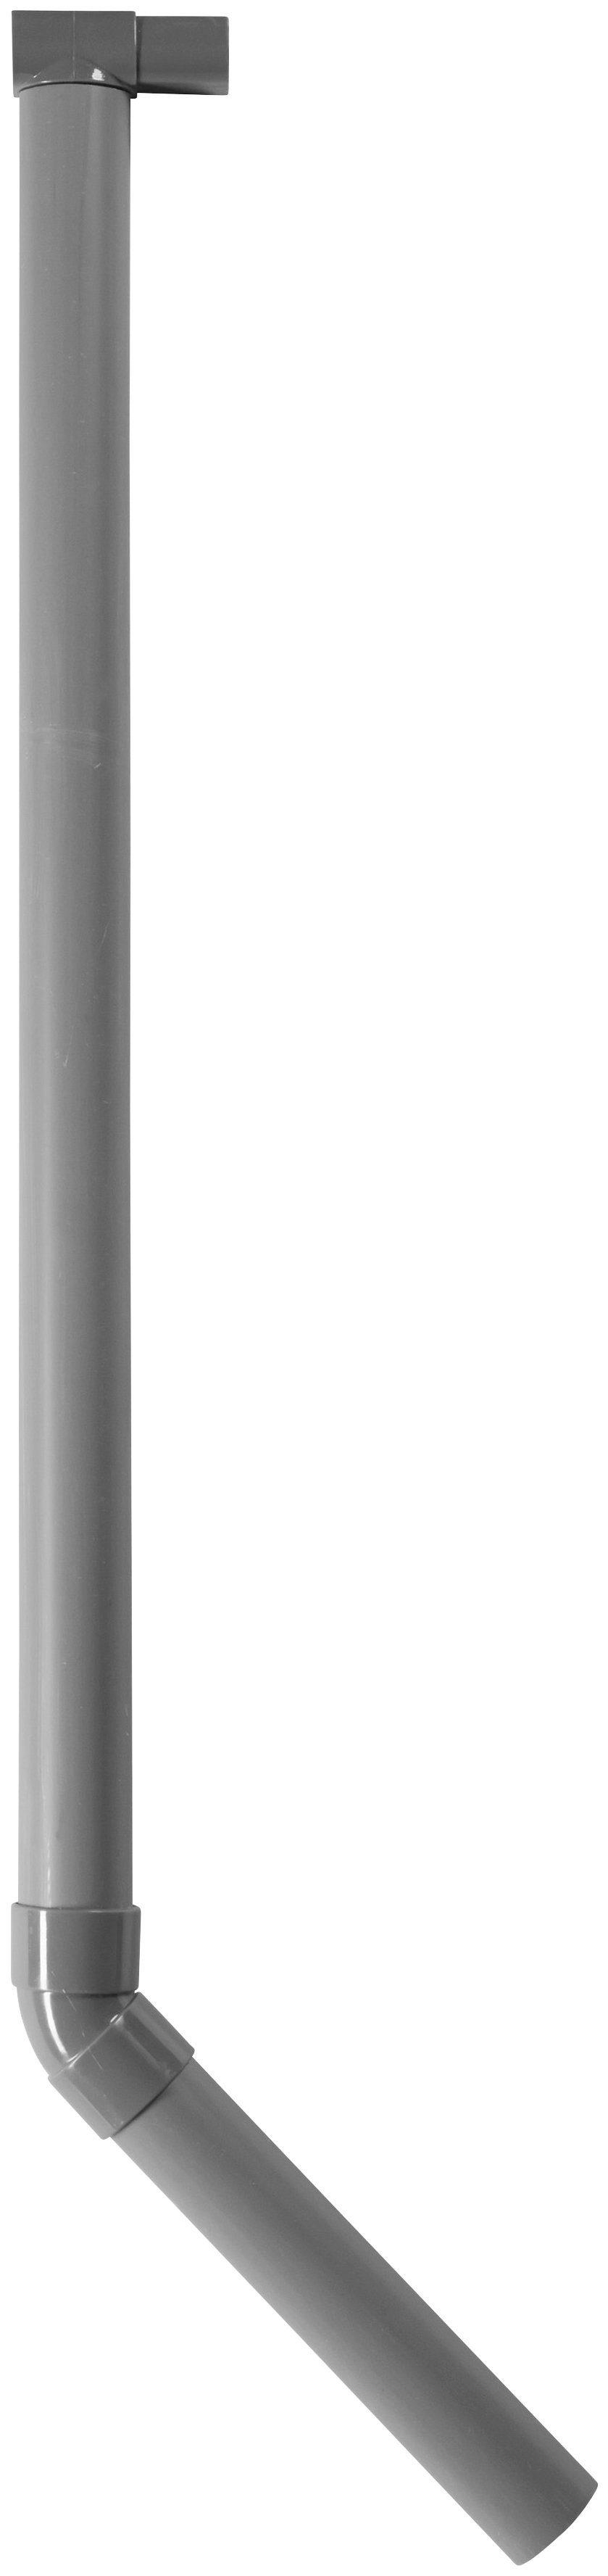 KONIFERA Regenfallrohr , Länge: 80 cm, für Gewächshäuser von Konifera